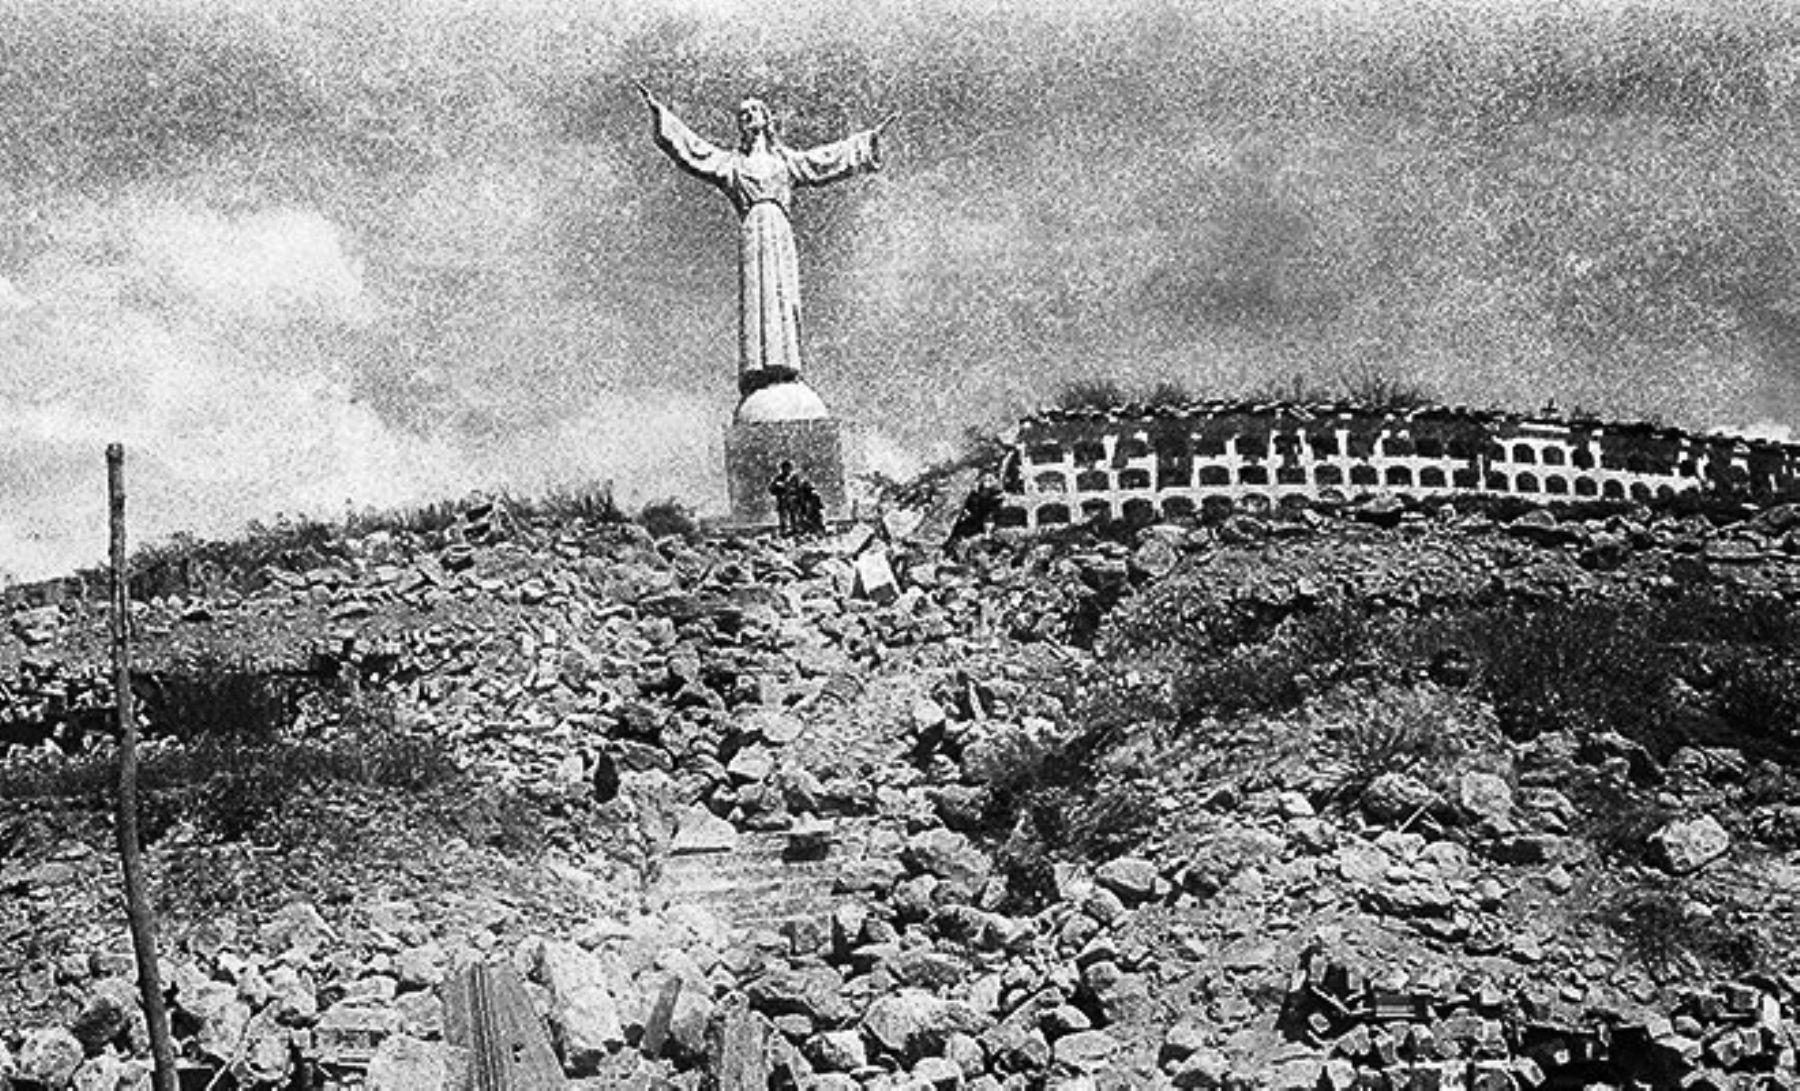 Cementerio de Yungay fue el lugar donde un grupo de personas pudo salvarse de morir a causa del aluvión que cubrió esa ciudad en 1970. Foto: ANDINA/archivo.